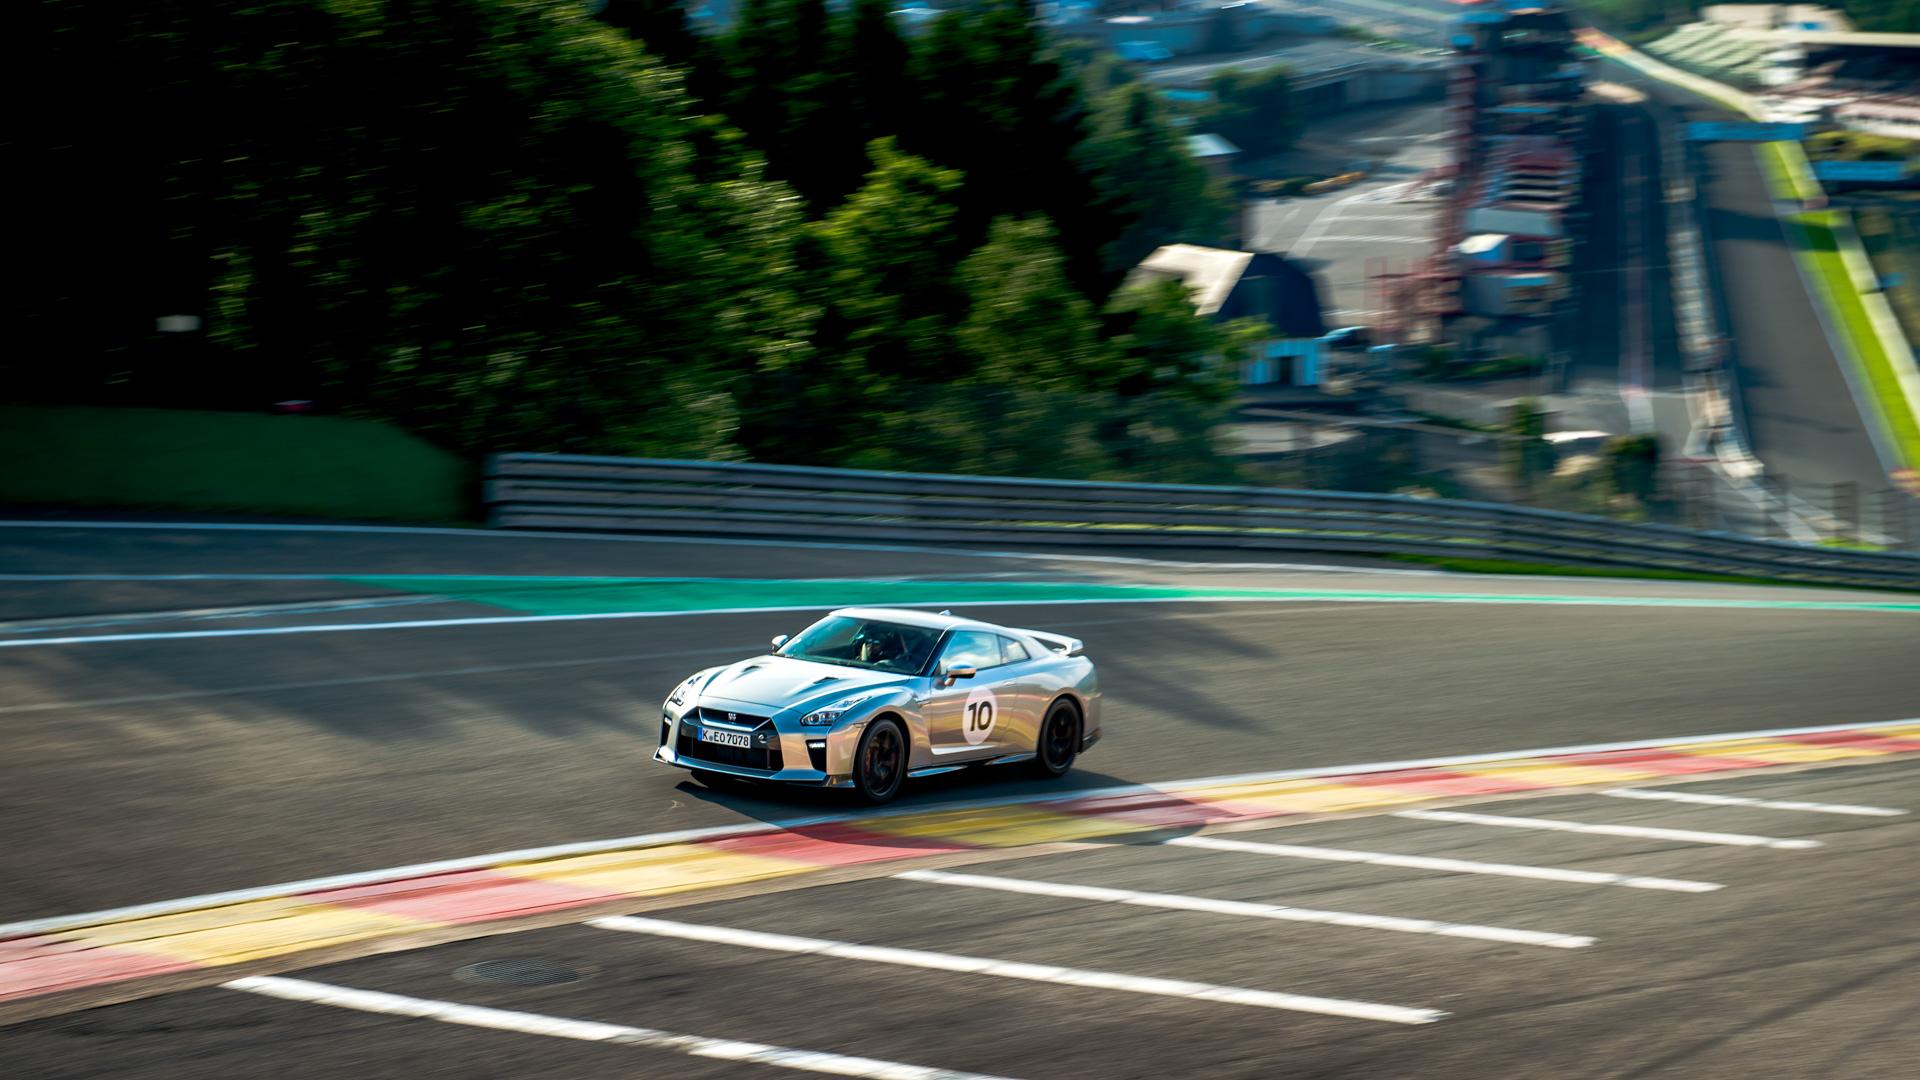 Новейший Nissan GT-R итрагические истории самого устрашающего поворота Формулы-1. Фото 12